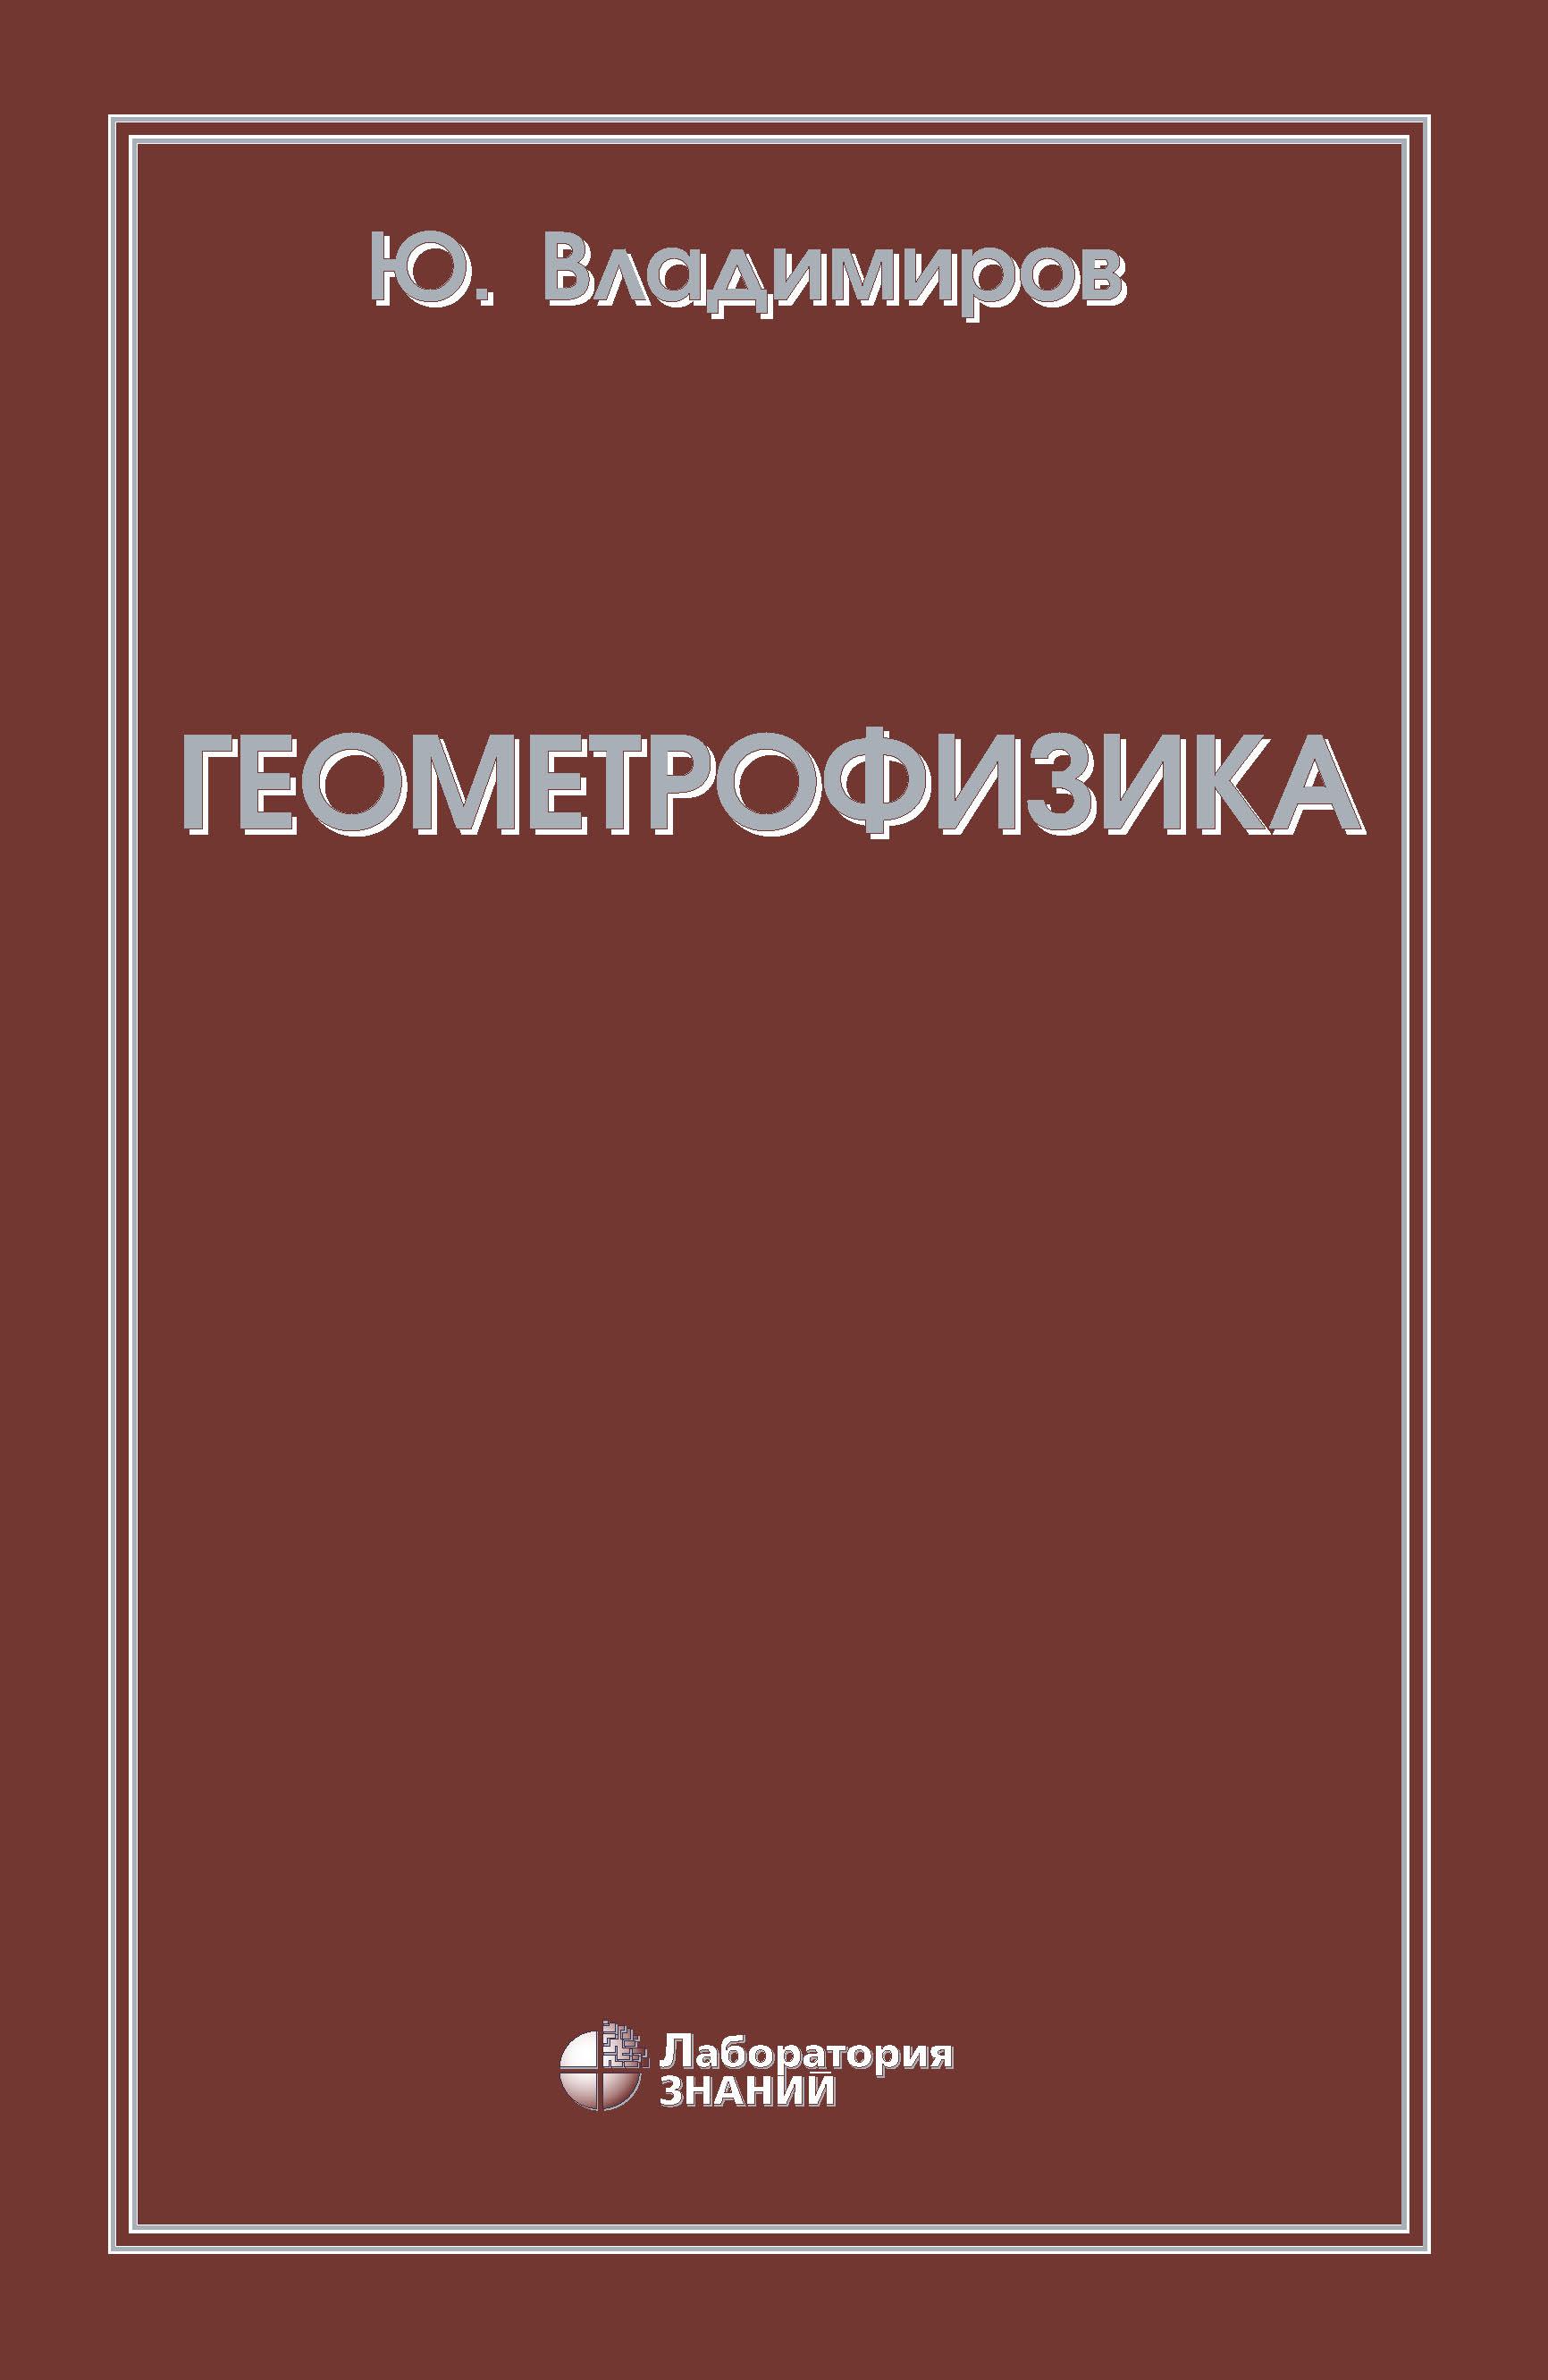 Ю. С. Владимиров Геометрофизика михаил иванов экспериментальное опровержение специальной и общей теории относительности